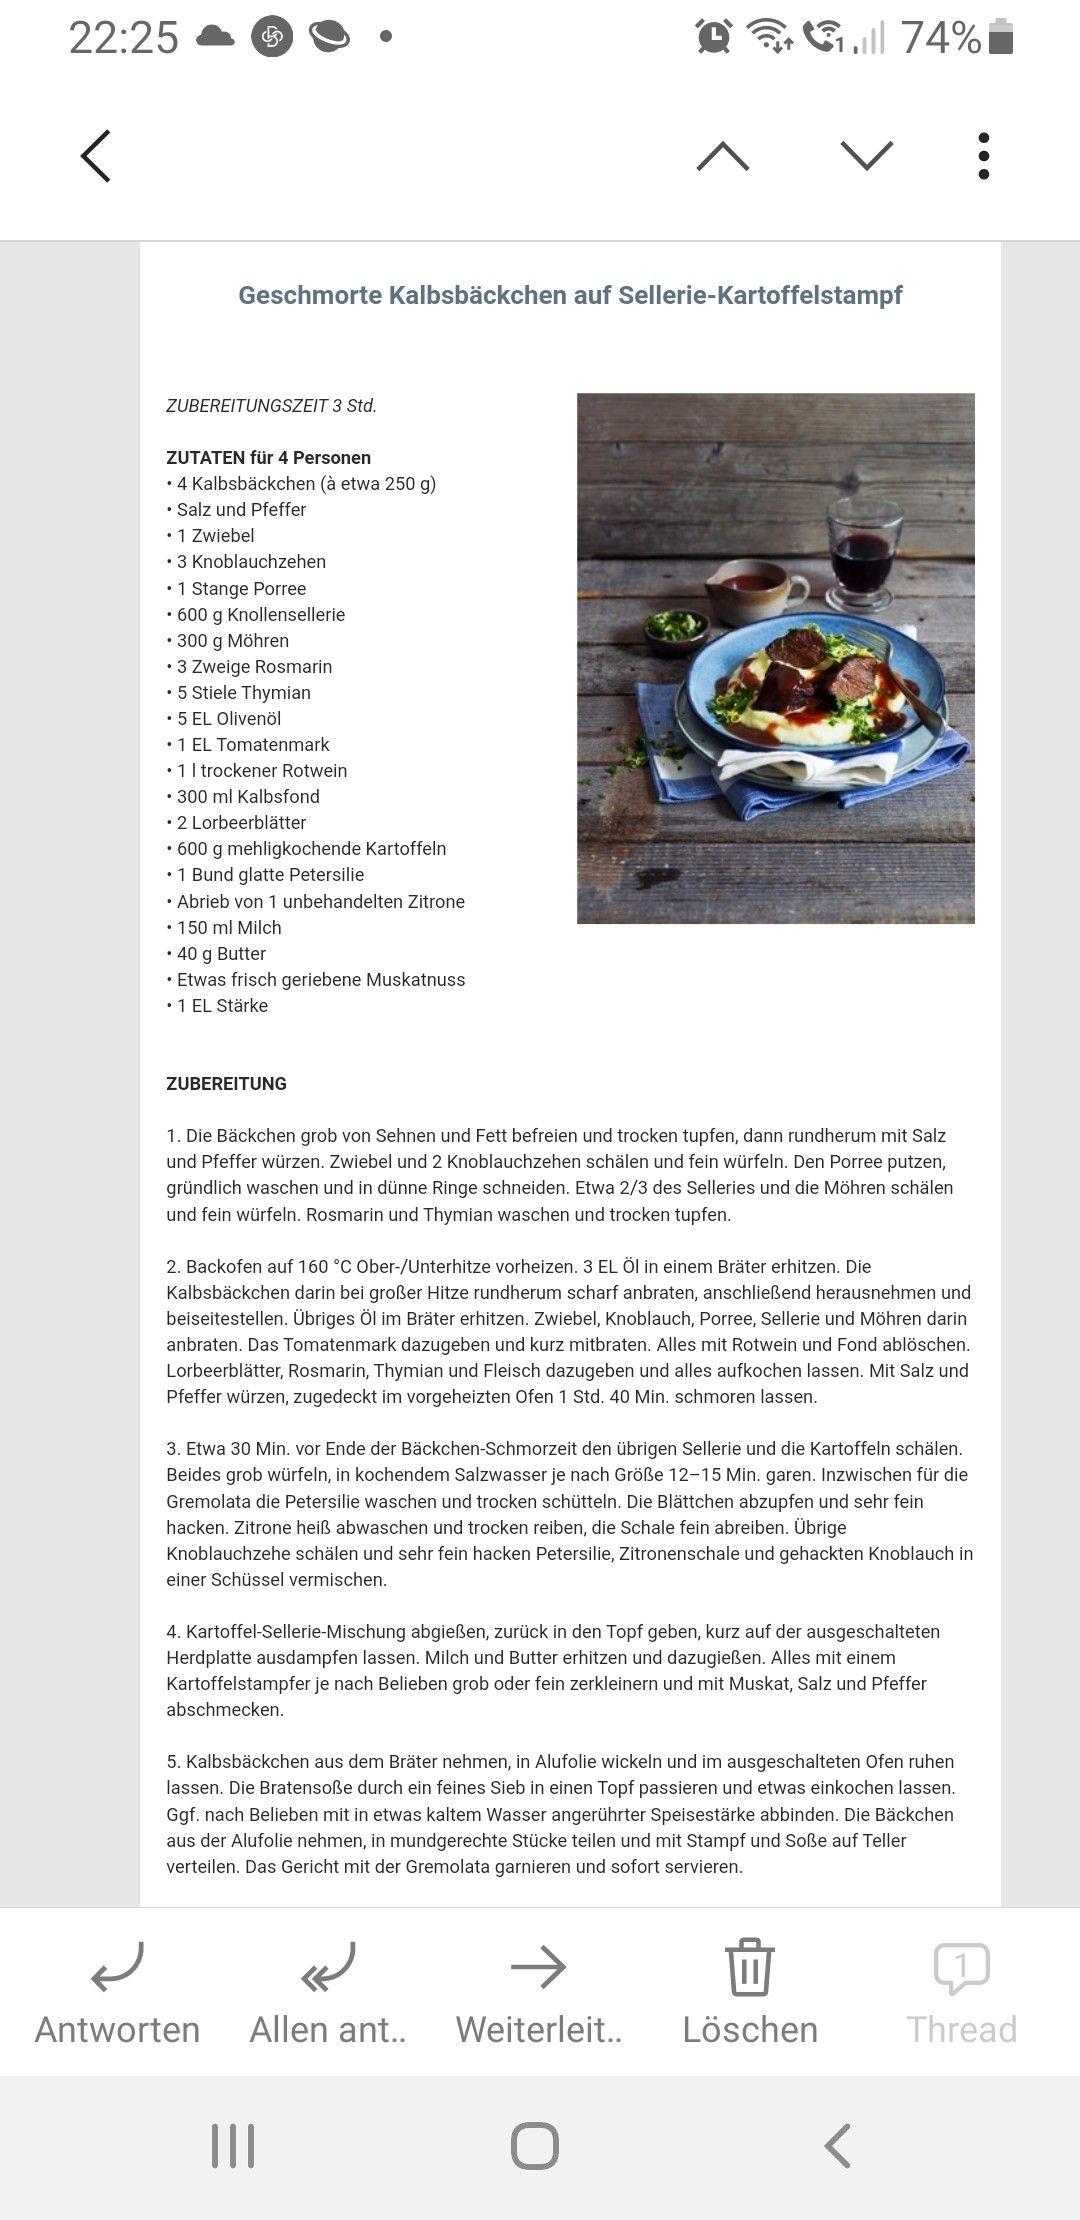 Pin Von Heike Hagenhoff Beuse Auf Rind Und Kalb In 2020 Kartoffelstampf Zubereitung Porree